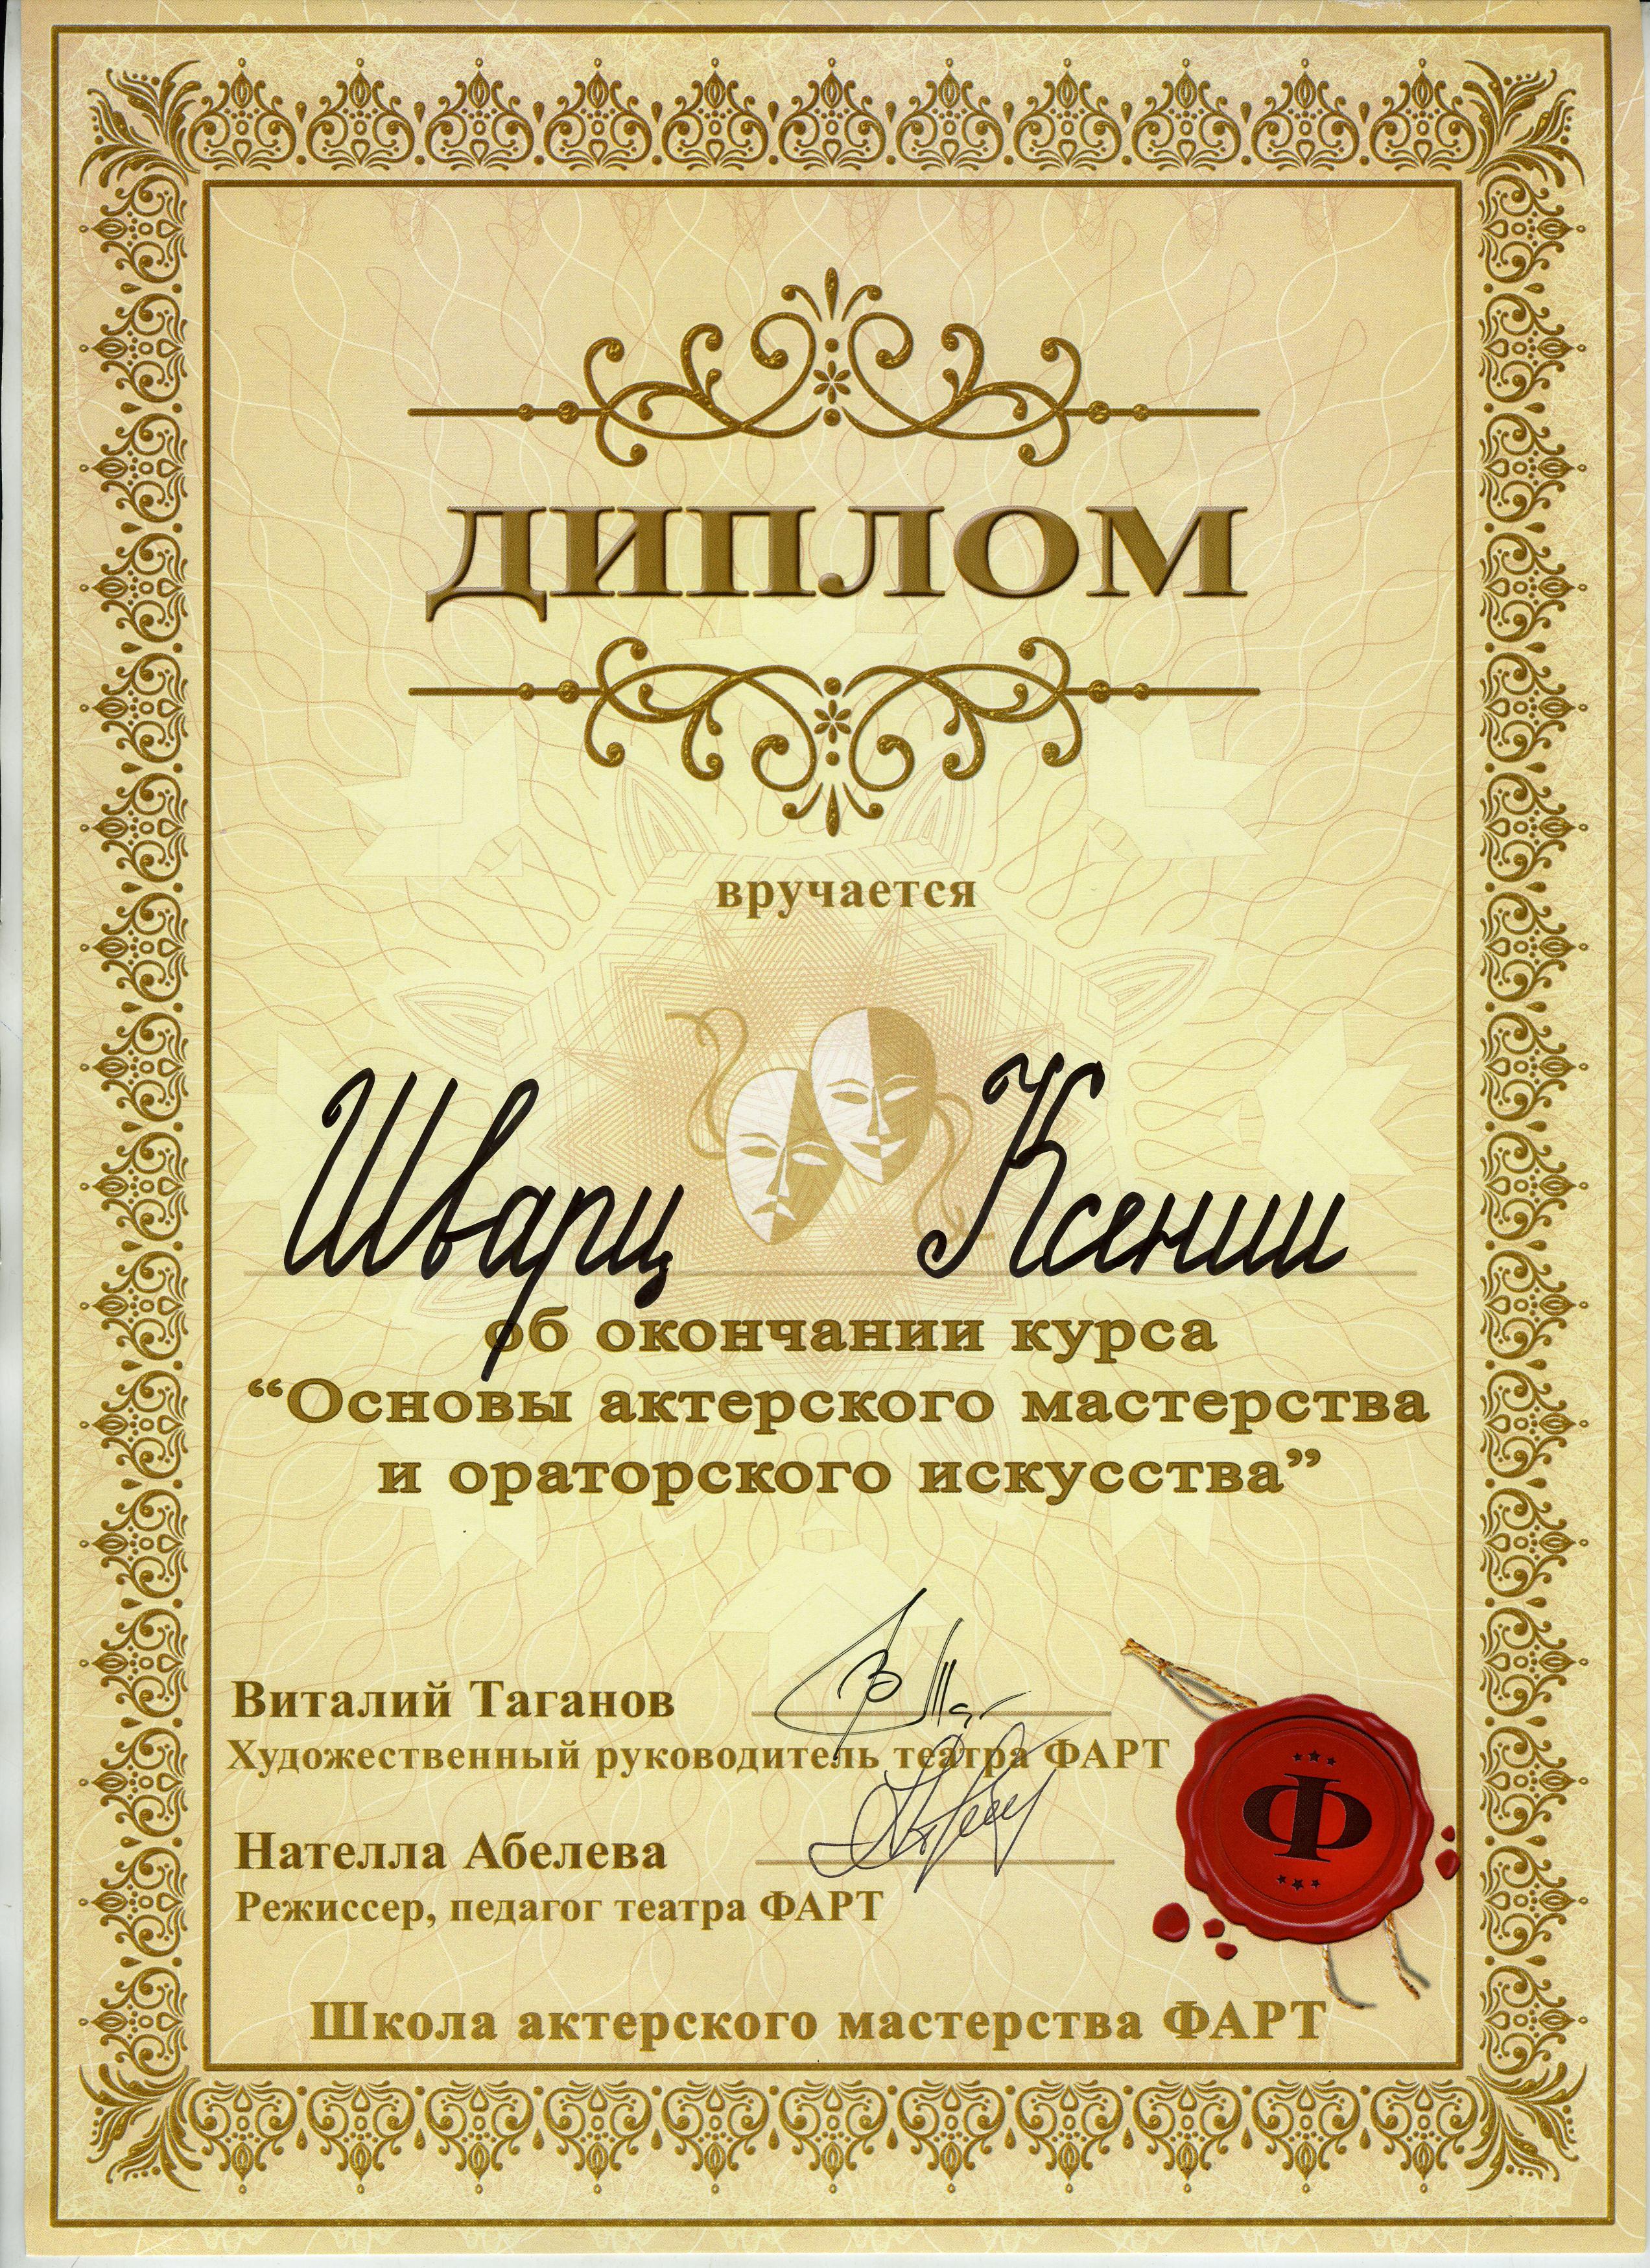 Сертификаты Ксении Шварц 3